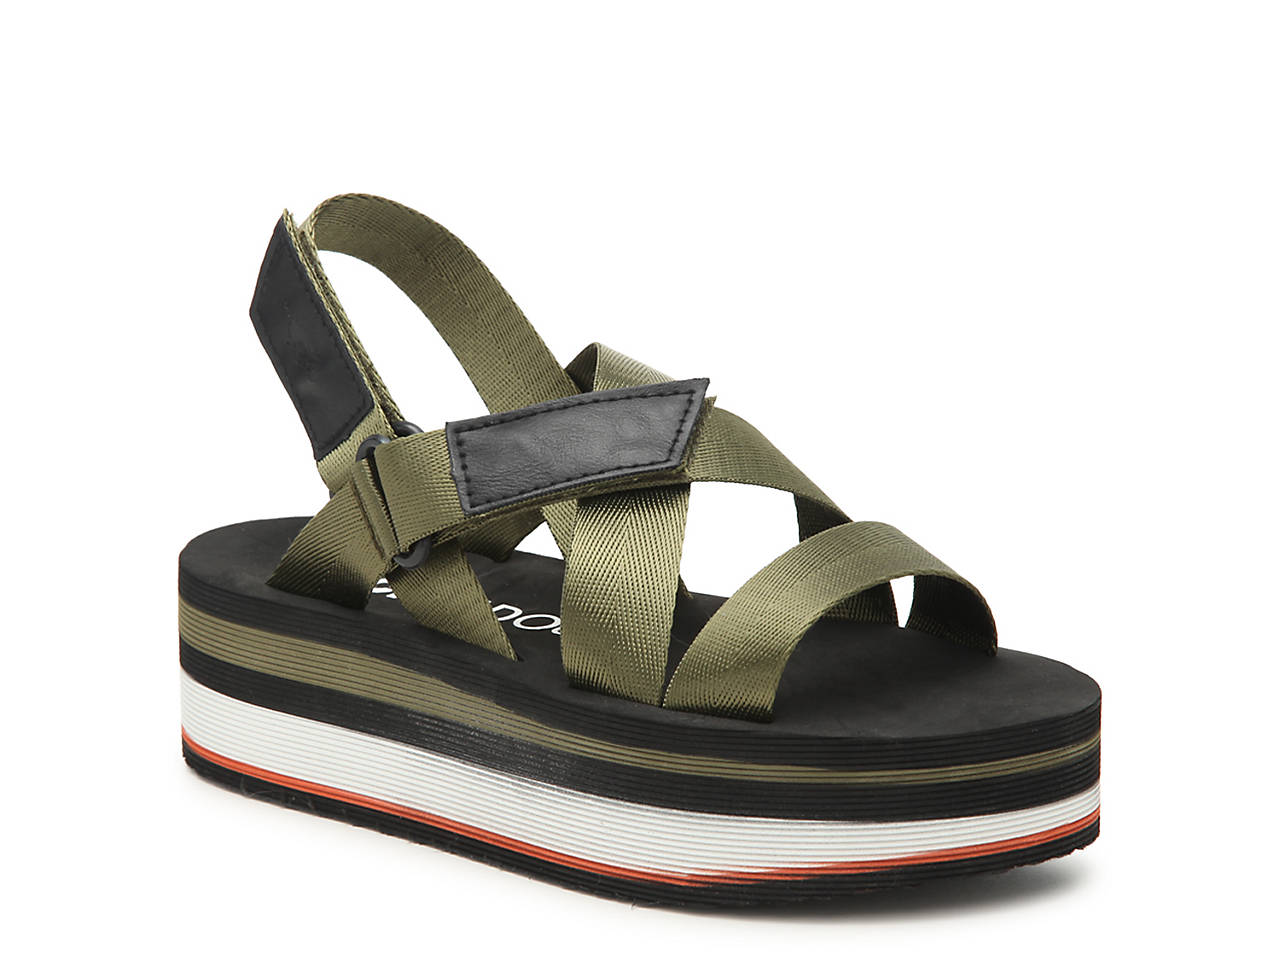 b4874dcf455 Rocket Dog Jarvis Platform Sandal Women s Shoes